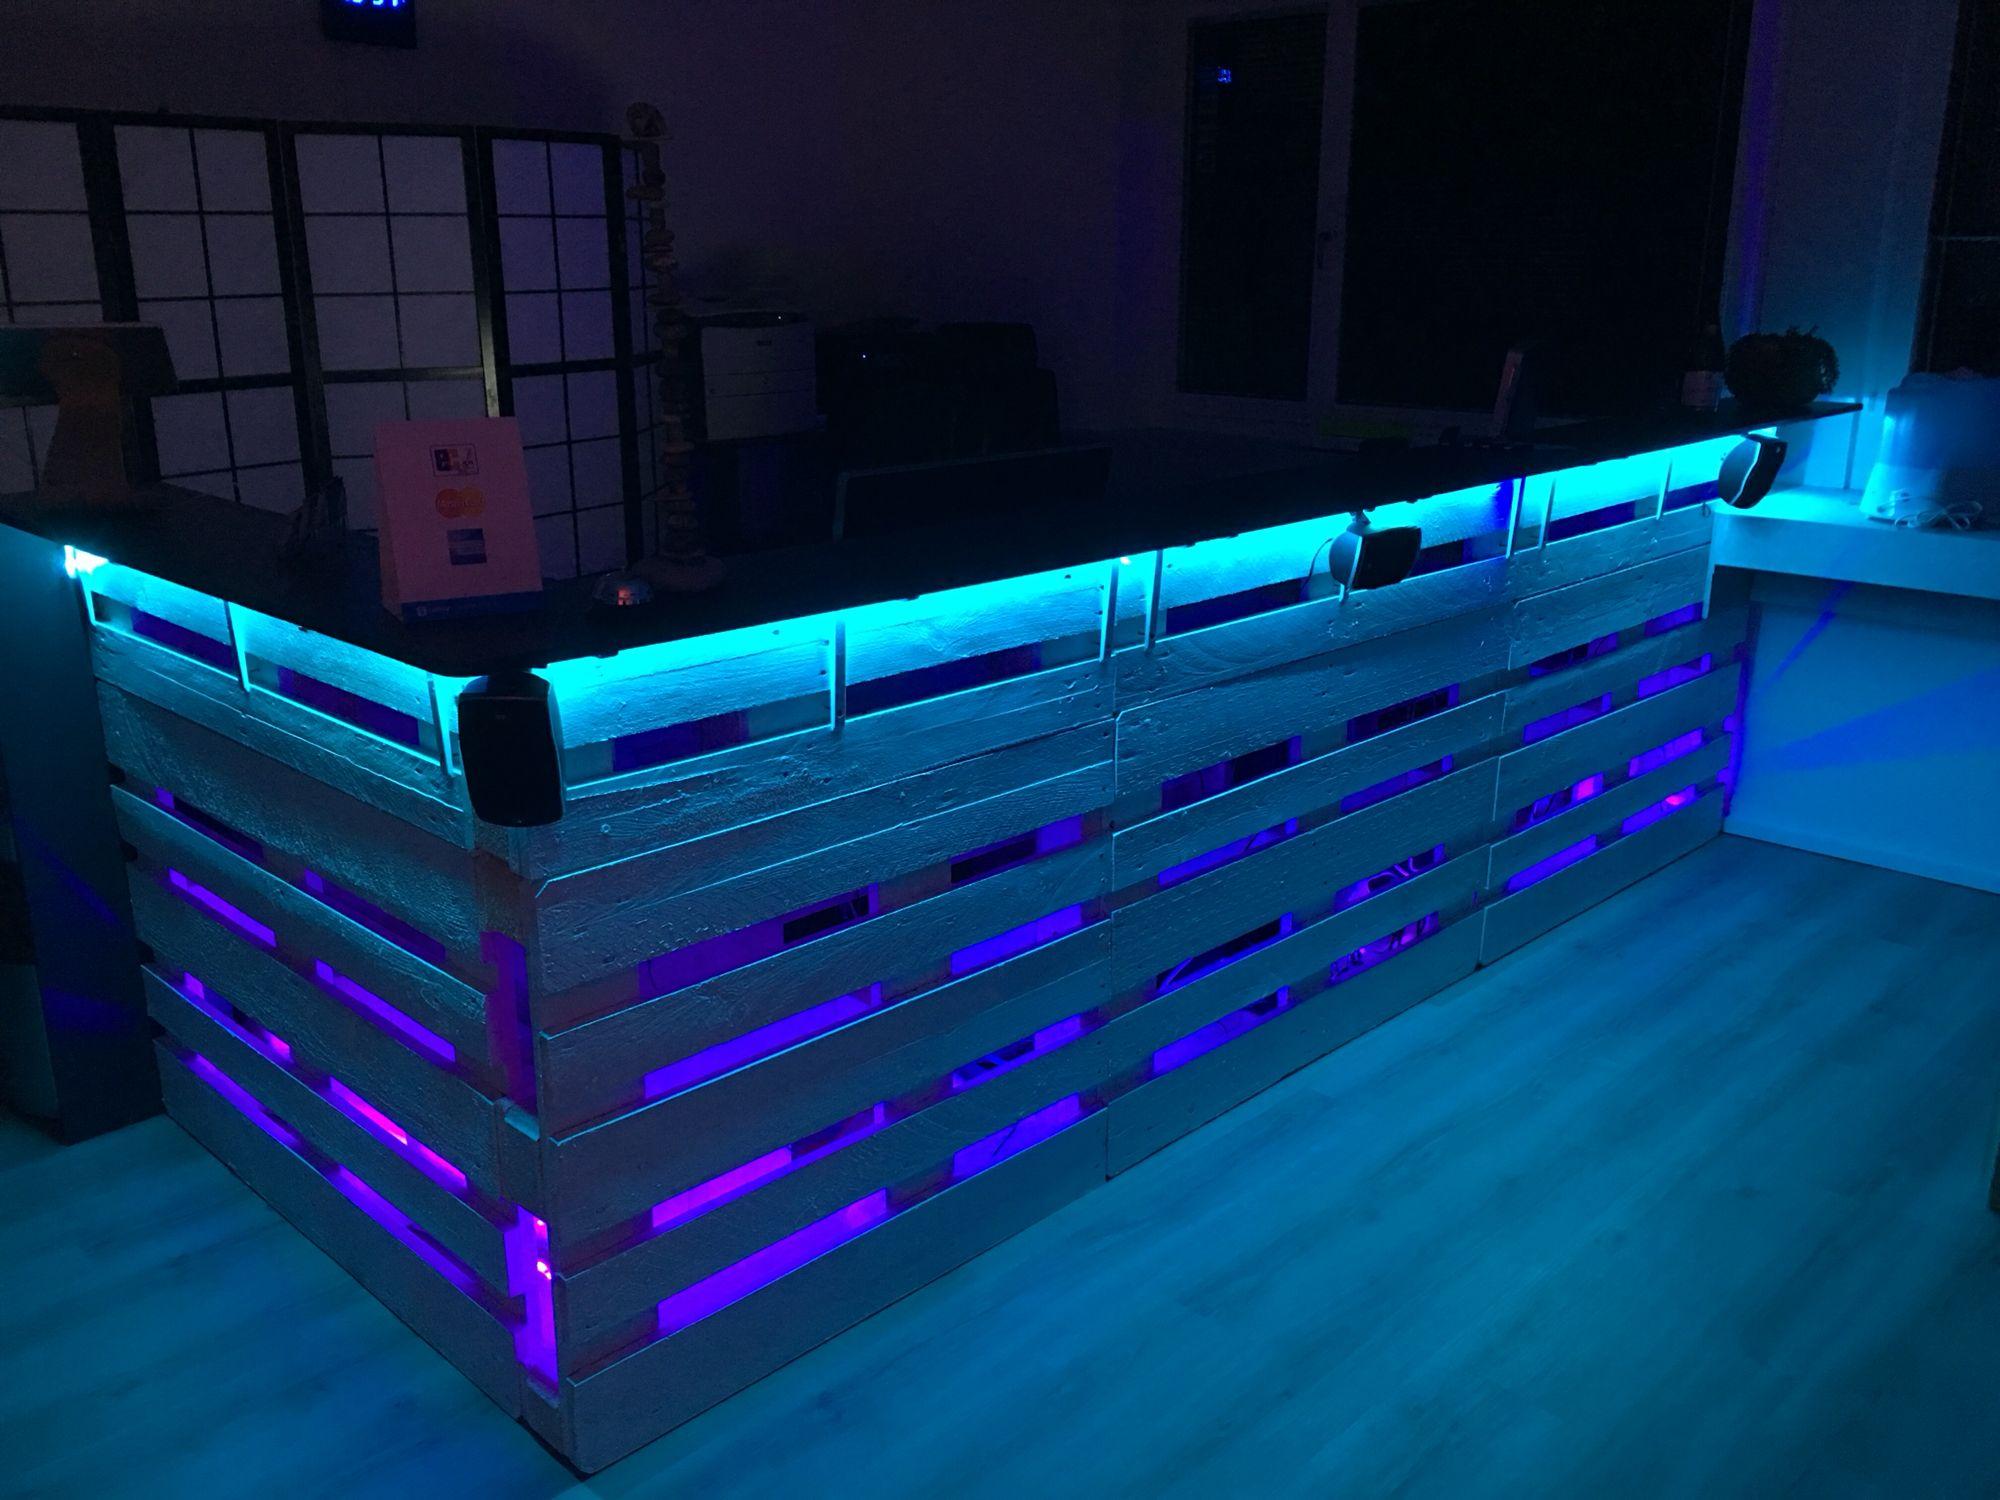 Zeiningen Led Beleuchtung Mobel Aus Paletten Beleuchtung